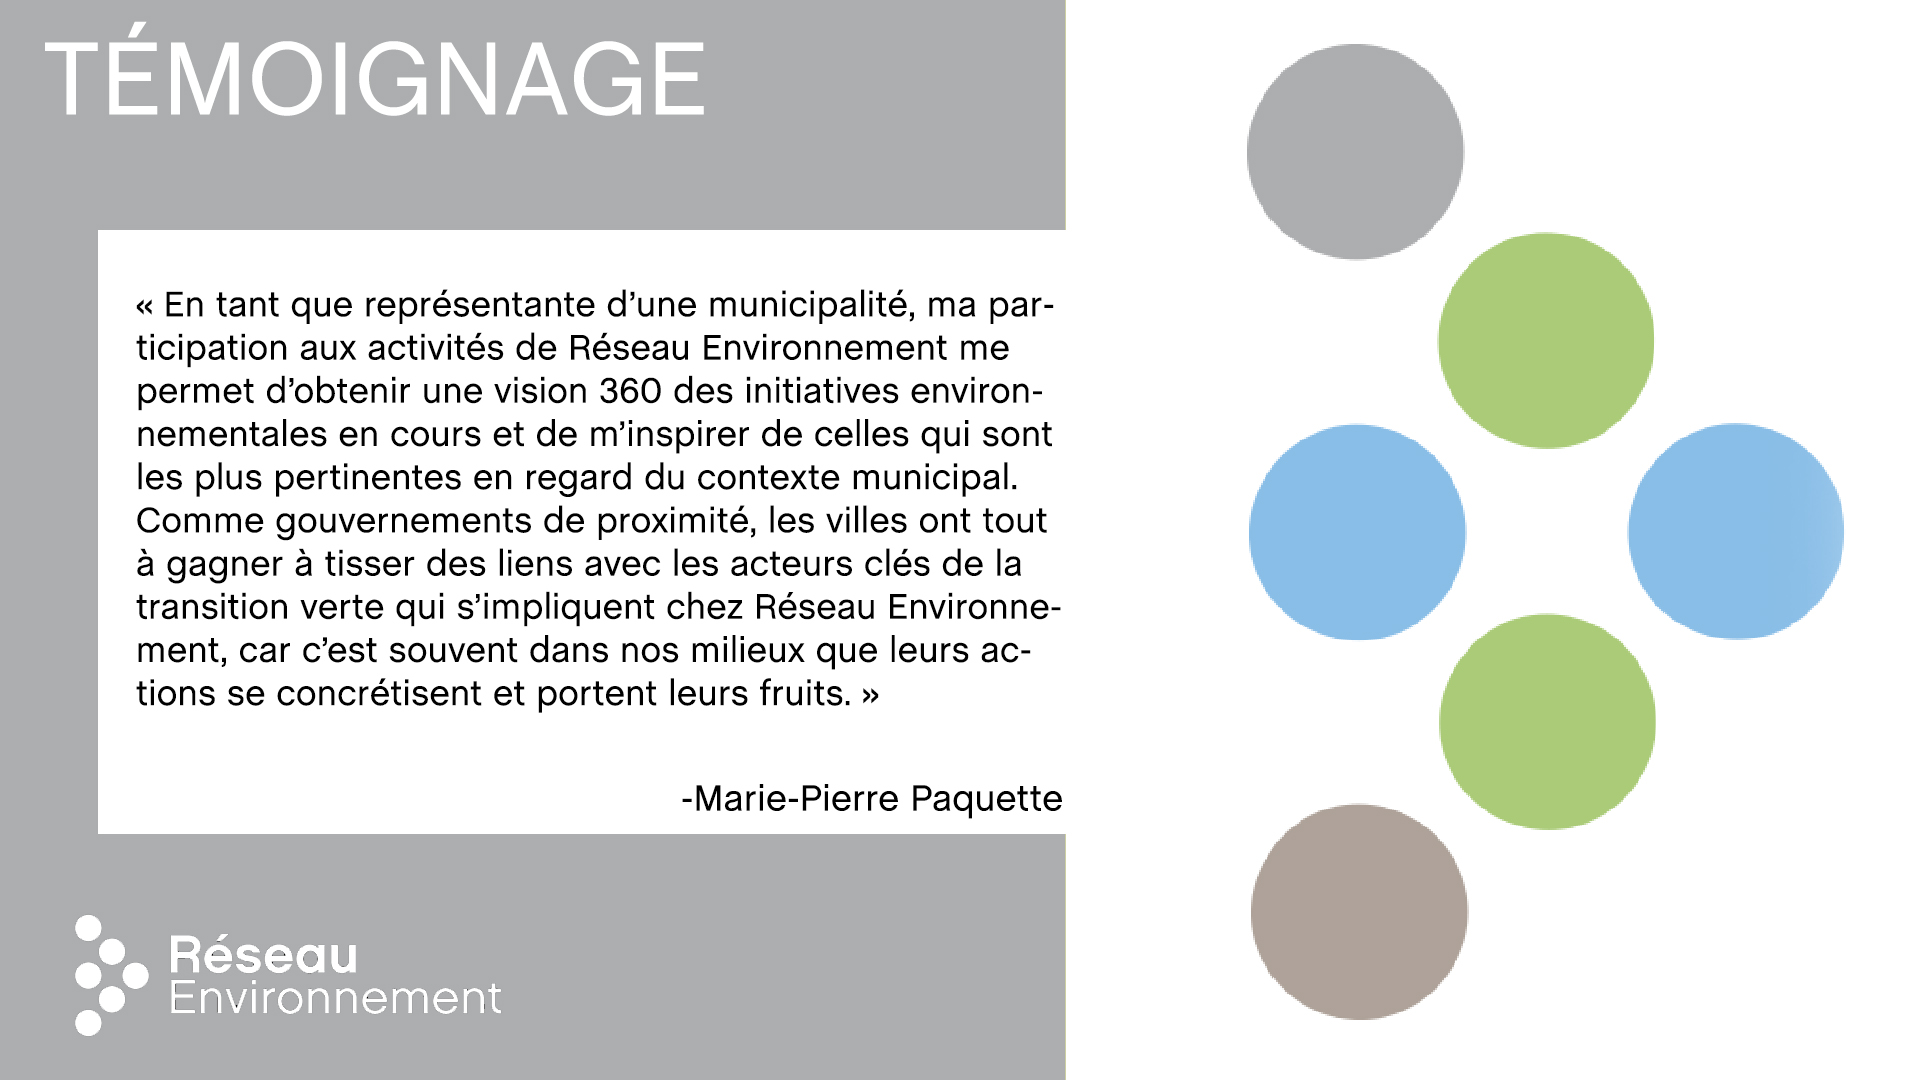 témoignage-Marie-Pierre-Paquette